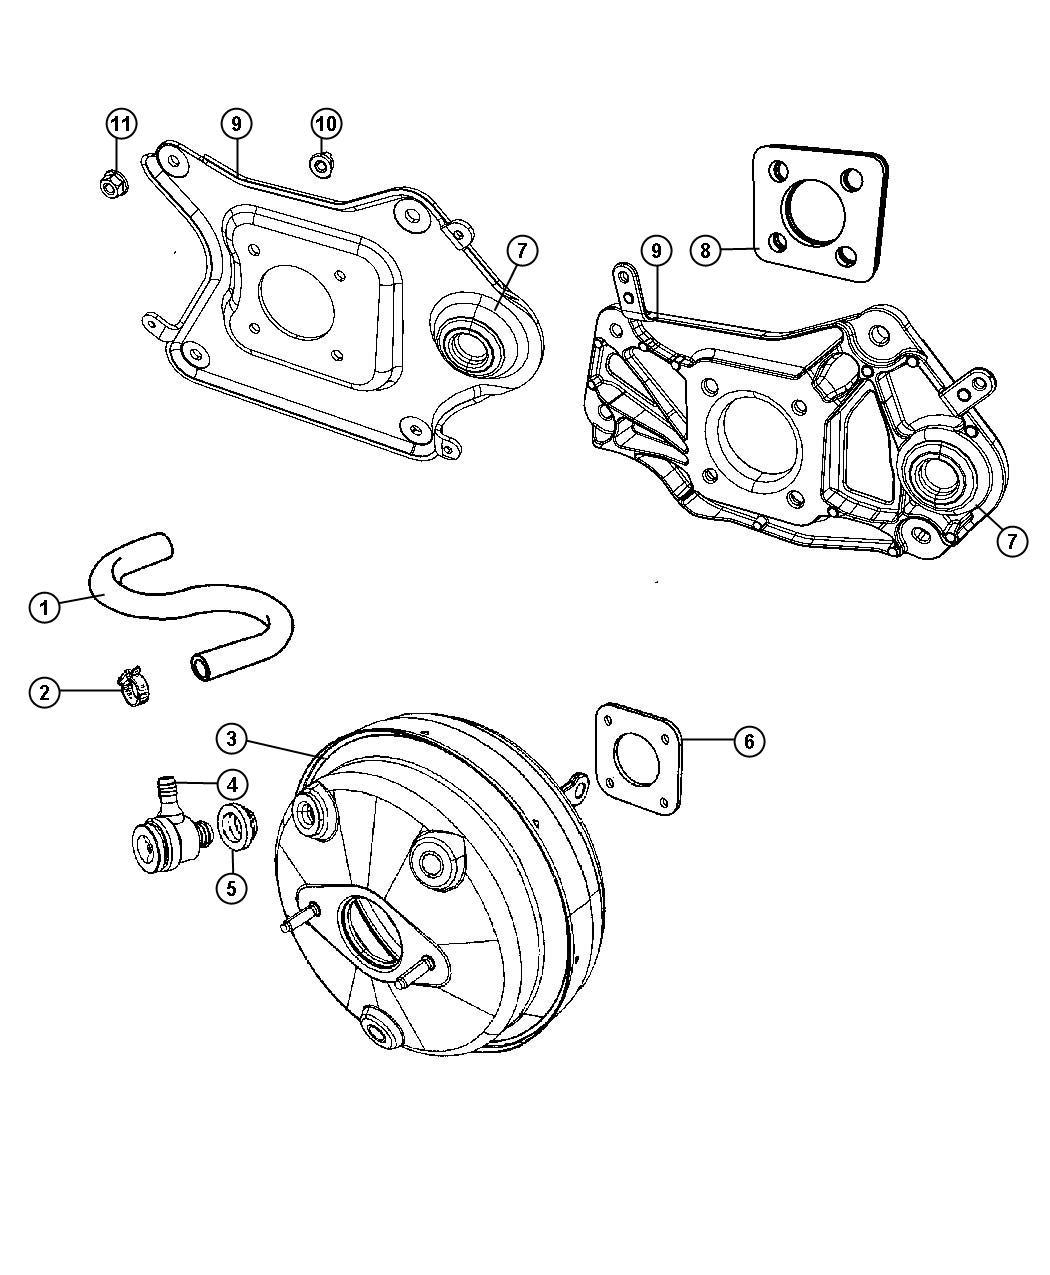 Dodge Nitro Gasket Booster To Dash Mounting Wheel